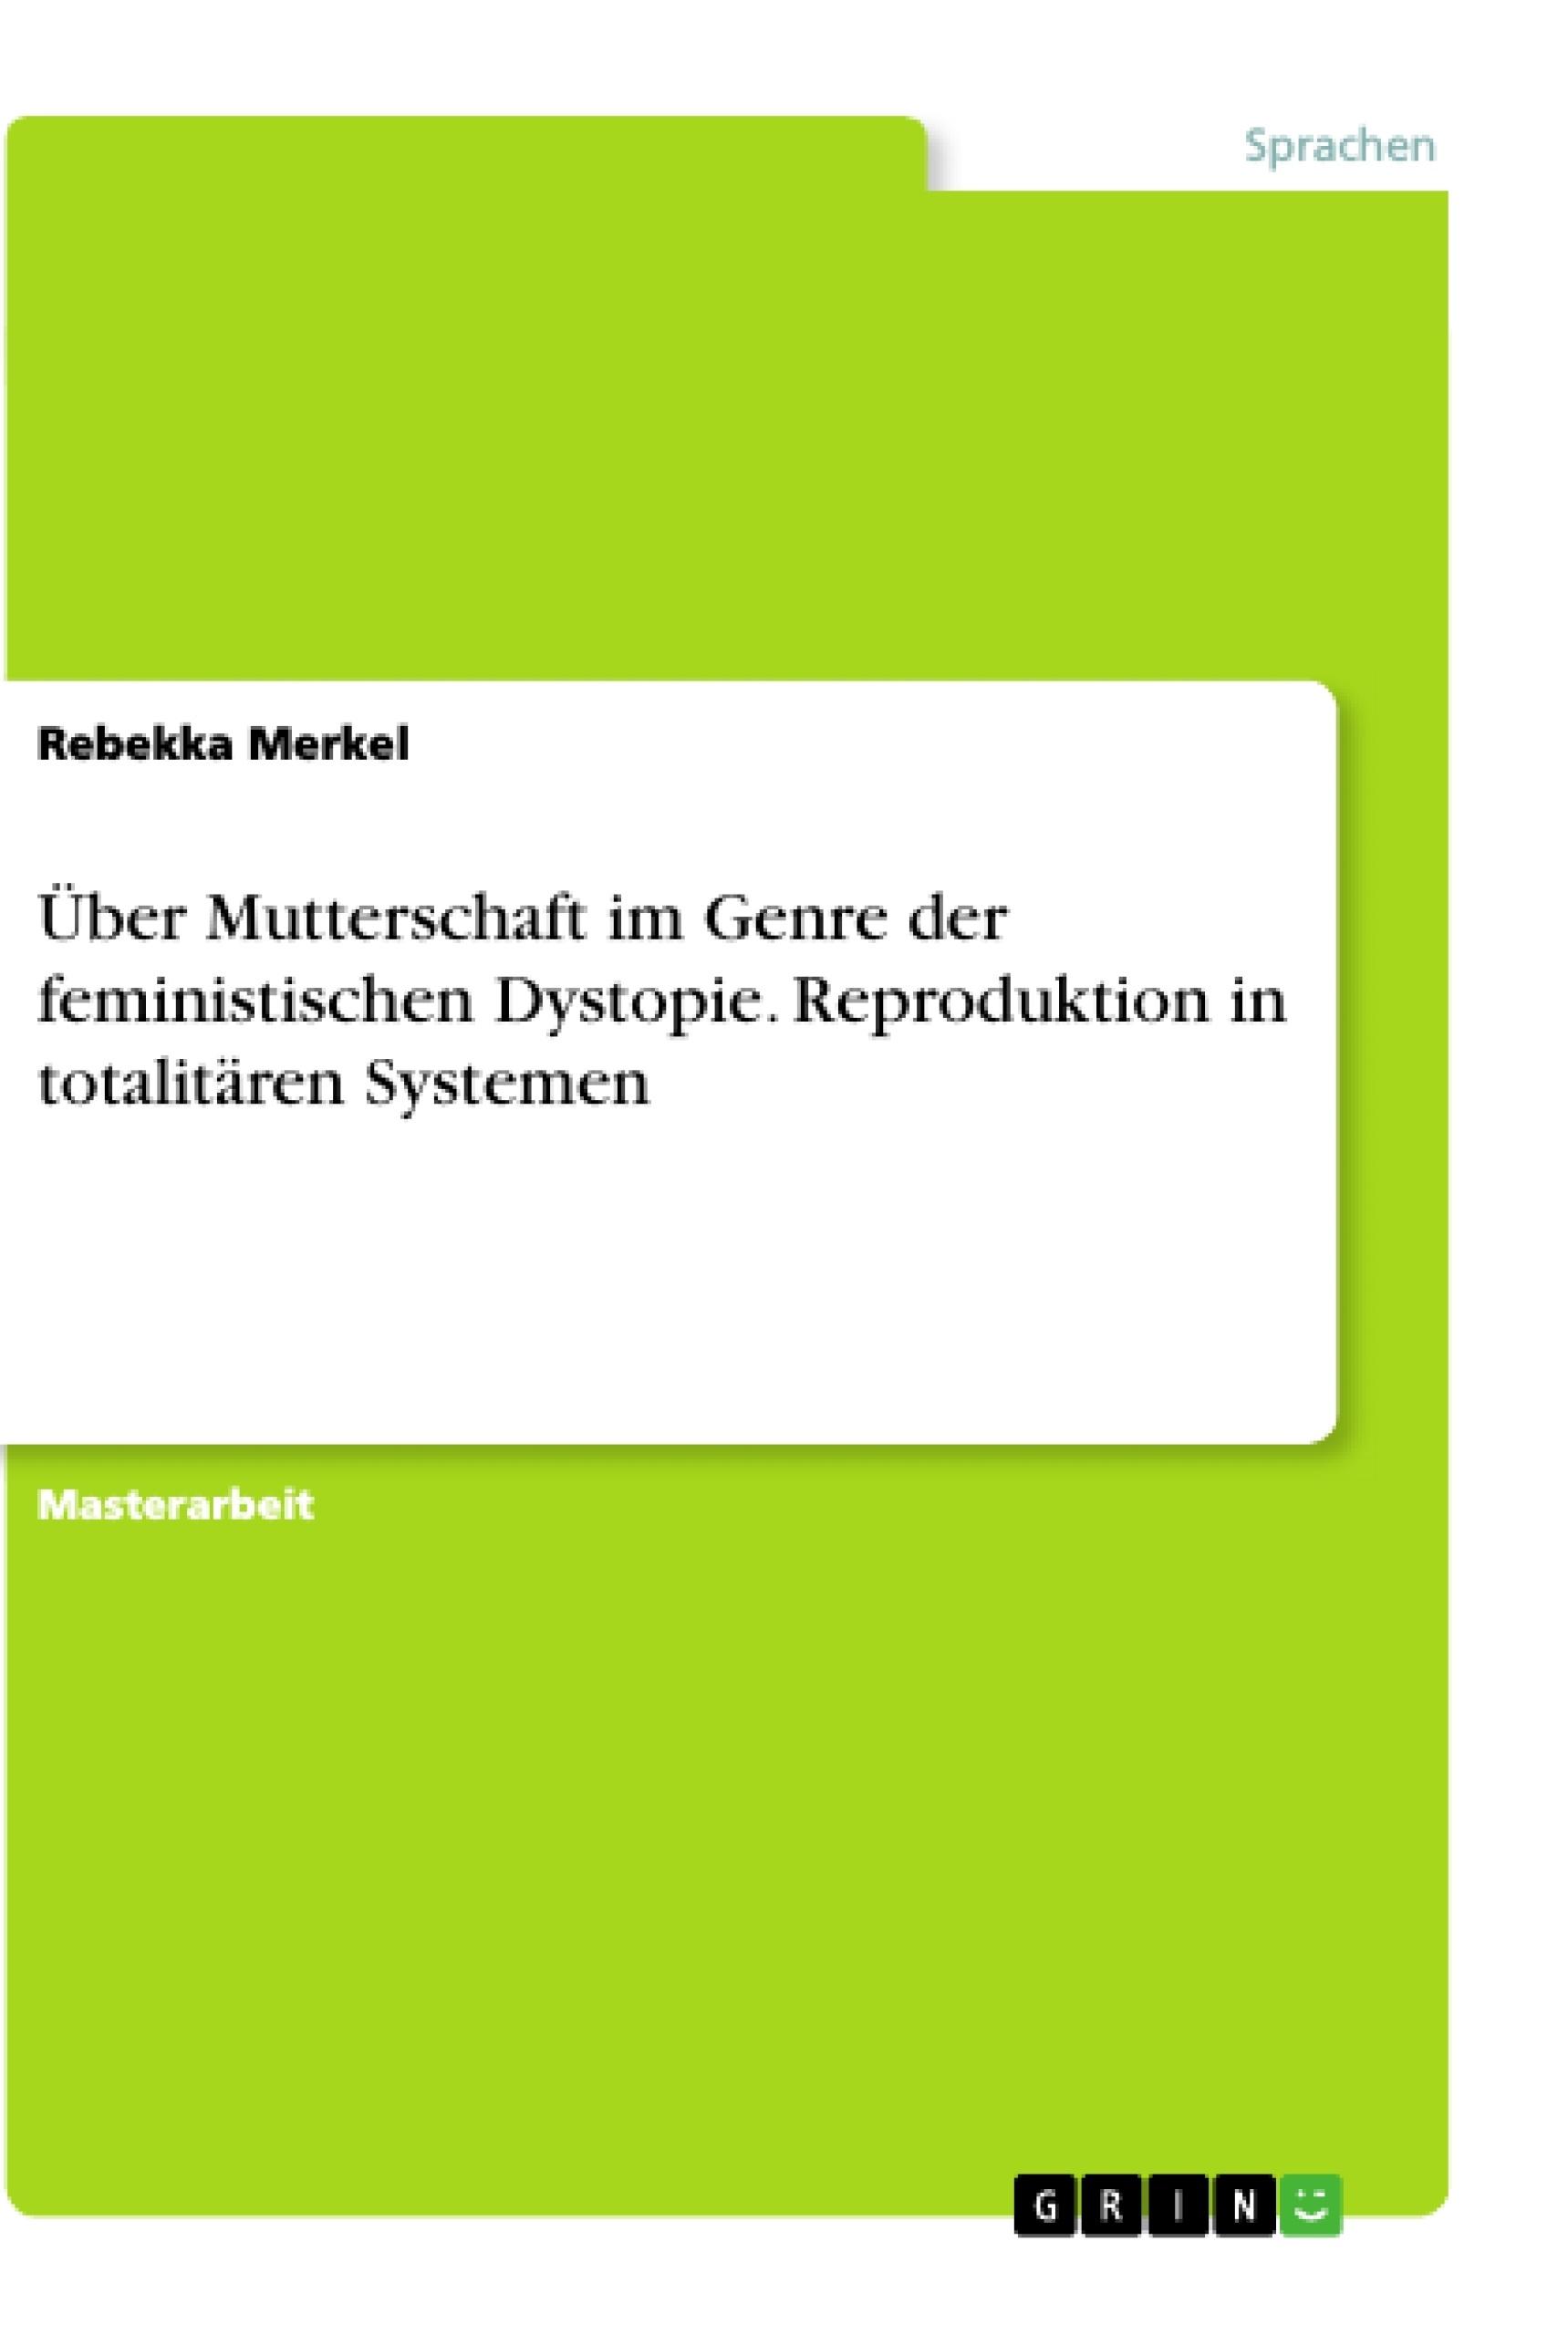 Titel: Über Mutterschaft im Genre der feministischen Dystopie. Reproduktion in totalitären Systemen